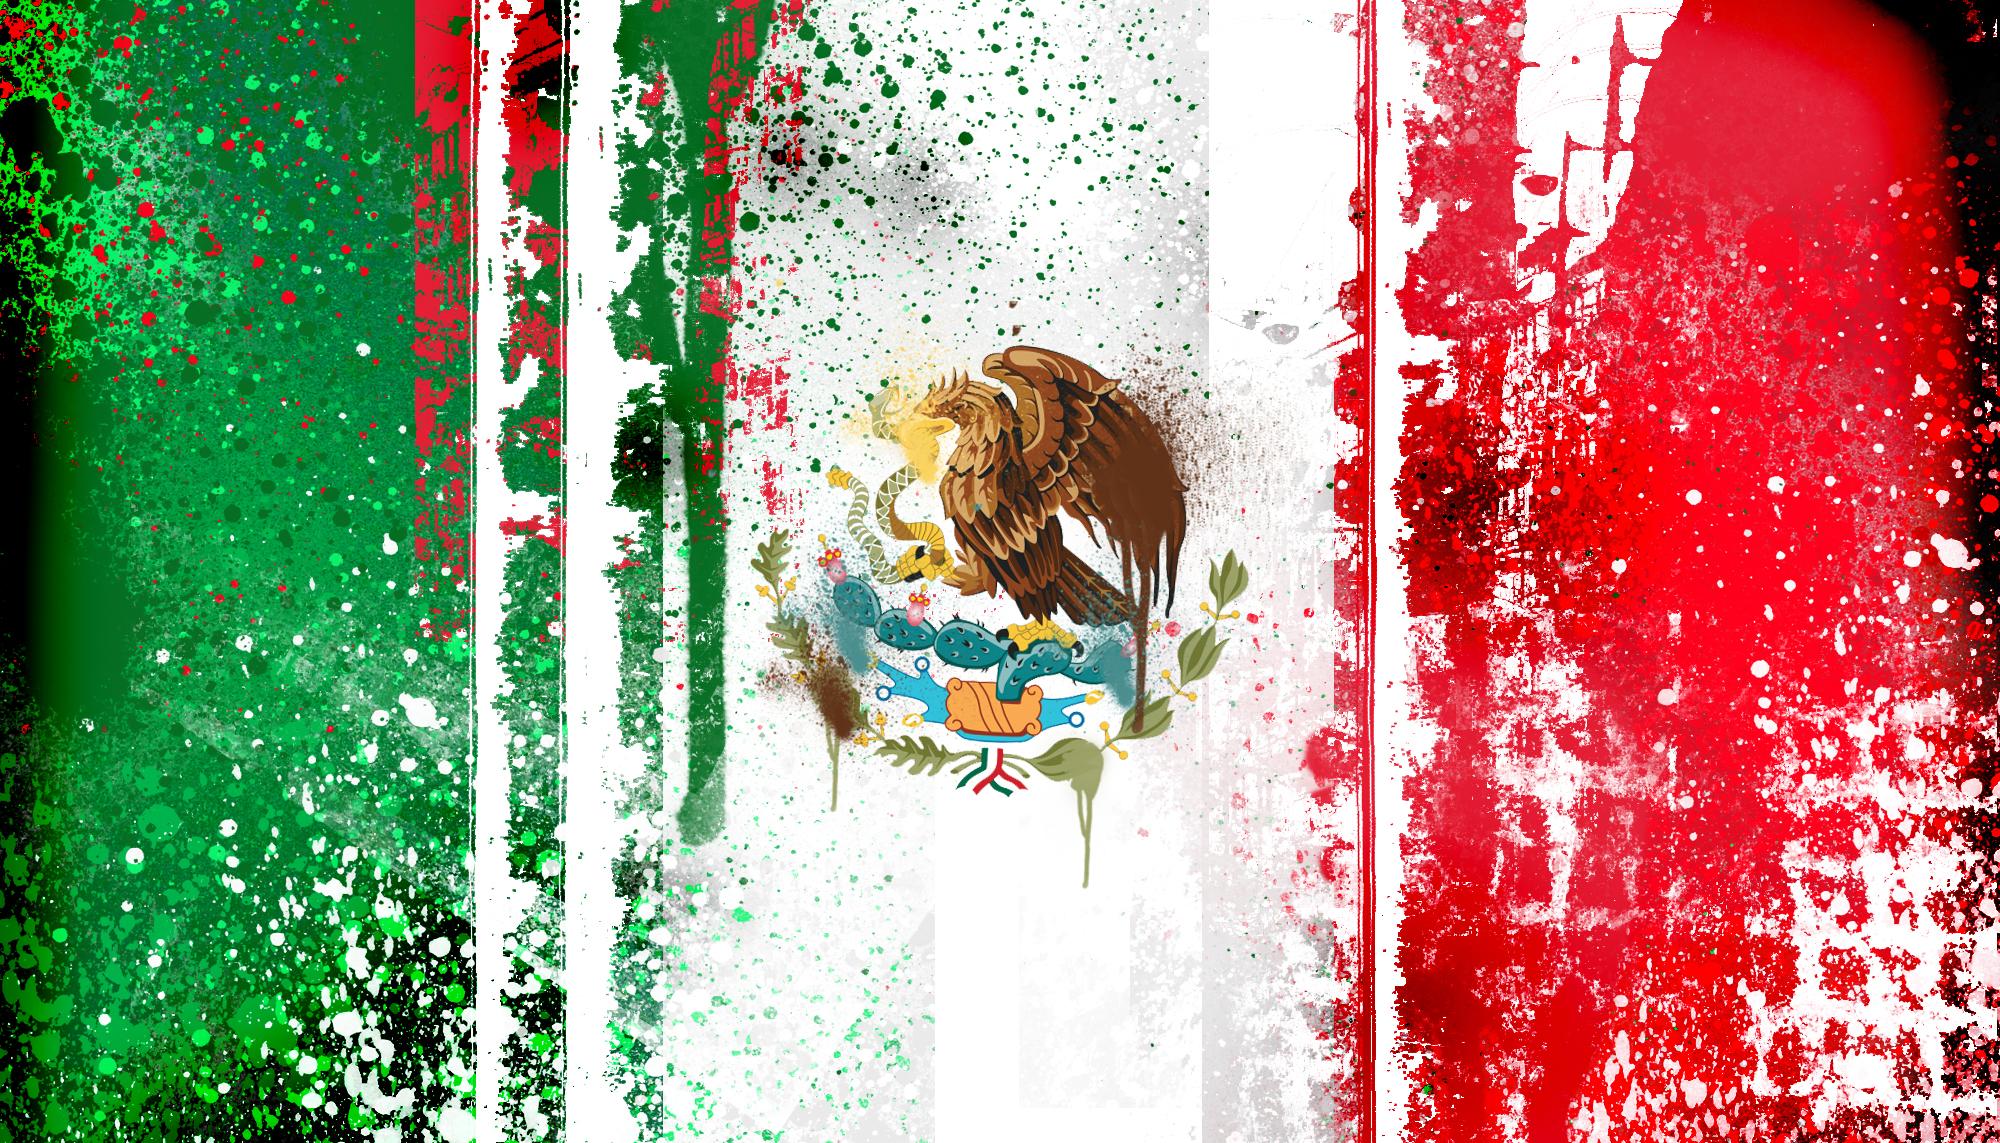 pintura de la bandera mexicana fondo de pantalla   ForWallpapercom 2000x1143